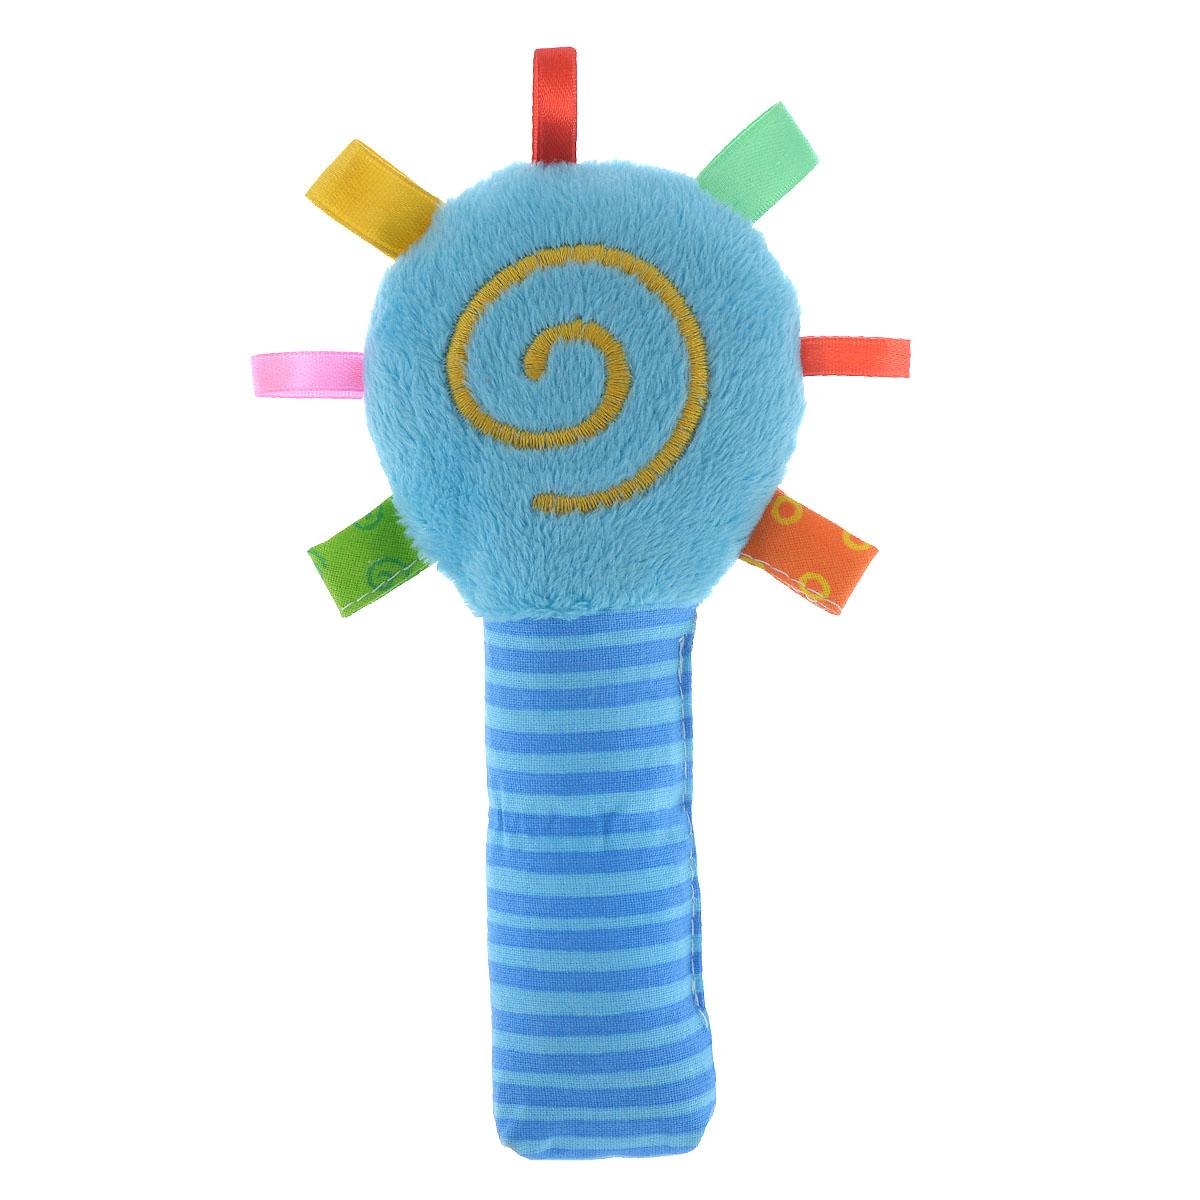 """Погремушка Мякиши """"Маракас"""" выполнена из мягкого текстильного материала разных цветов и фактур в виде маракаса, оформленного вышитой спиралькой. Внутри круглой части, украшенной текстильными петельками, находится погремушка; в ручке спрятан шуршащий элемент. Форма погремушки удобна для маленьких ручек ребенка. Он сможет ее держать, трясти и перекладывать из одной ручки в другую. Яркая погремушка Мякиши """"Маракас"""" поможет малышу в развитии цветового и звукового восприятия, концентрации внимания, мелкой моторики рук, координации движений и тактильных ощущений. УВАЖАЕМЫЕ КЛИЕНТЫ! Обращаем ваше внимание на возможные изменения в дизайне, связанные с цветовым ассортиментом продукции. Поставка осуществляется в зависимости от наличия на складе."""